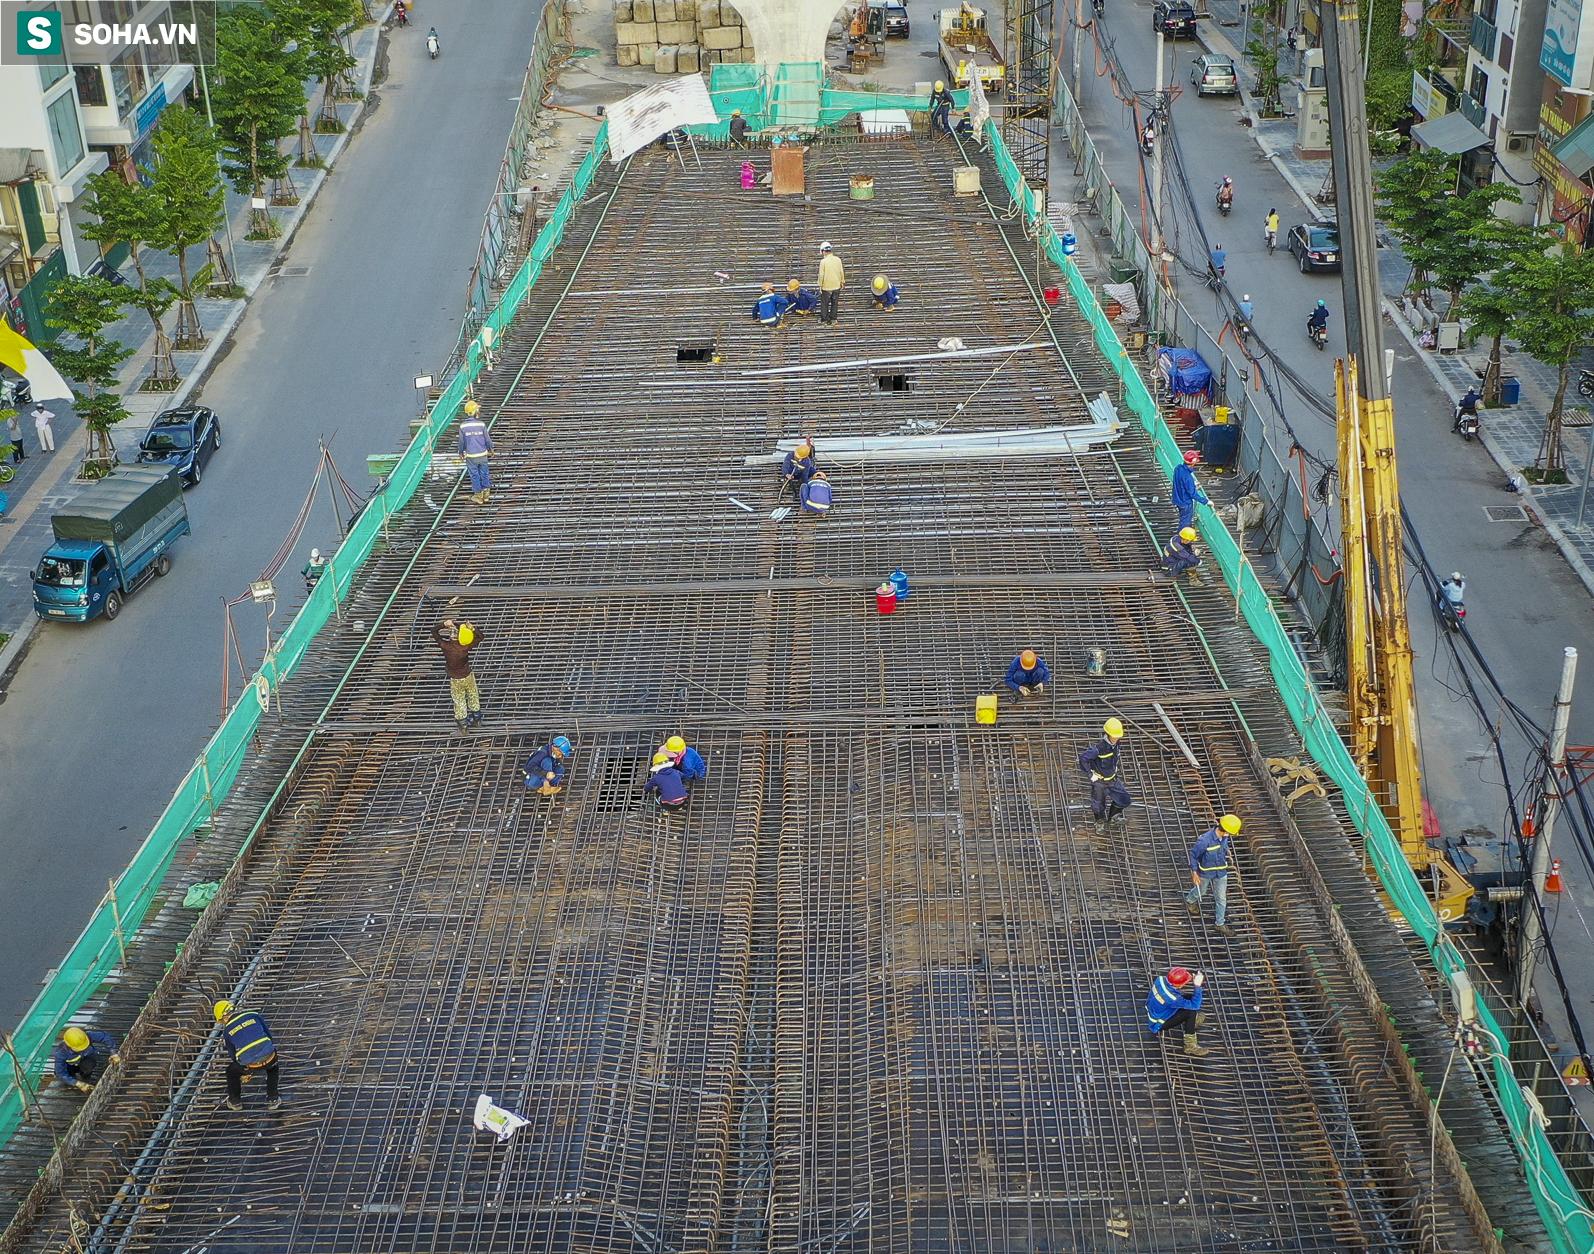 Hà Nội: Con đường đau khổ sắp chấm dứt, lộ diện hình hài của tuyến đường trị giá gần 10.000 tỷ - Ảnh 12.